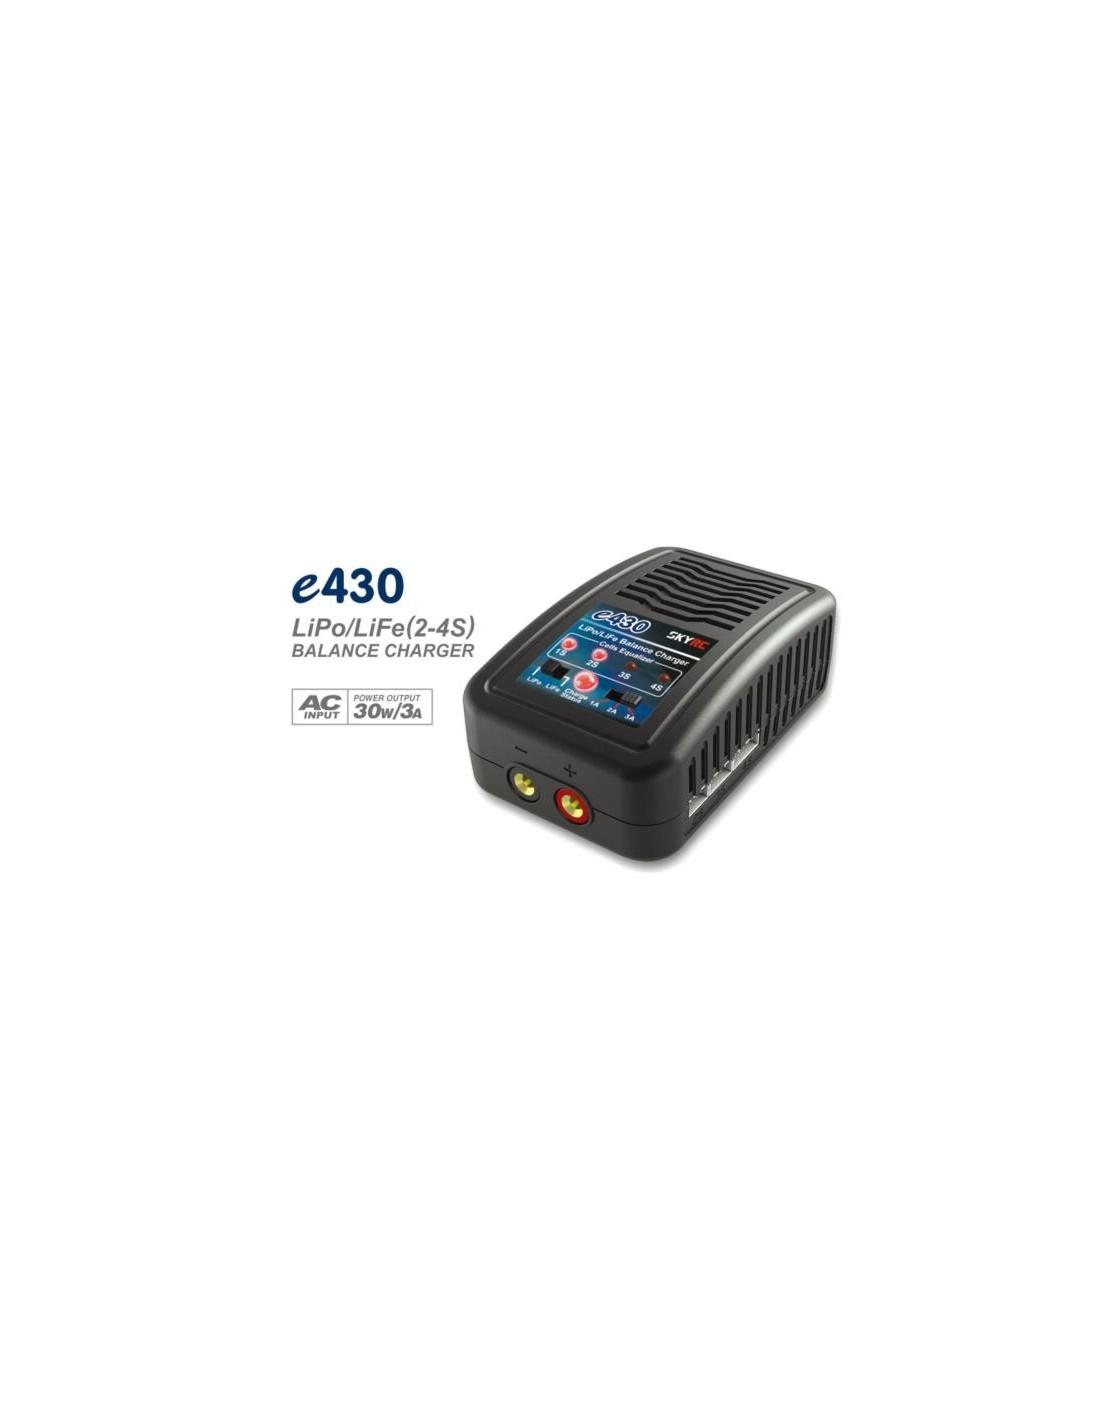 Cargador SKYRC e430 LiPo - LiFe 30W/3A Balanceador